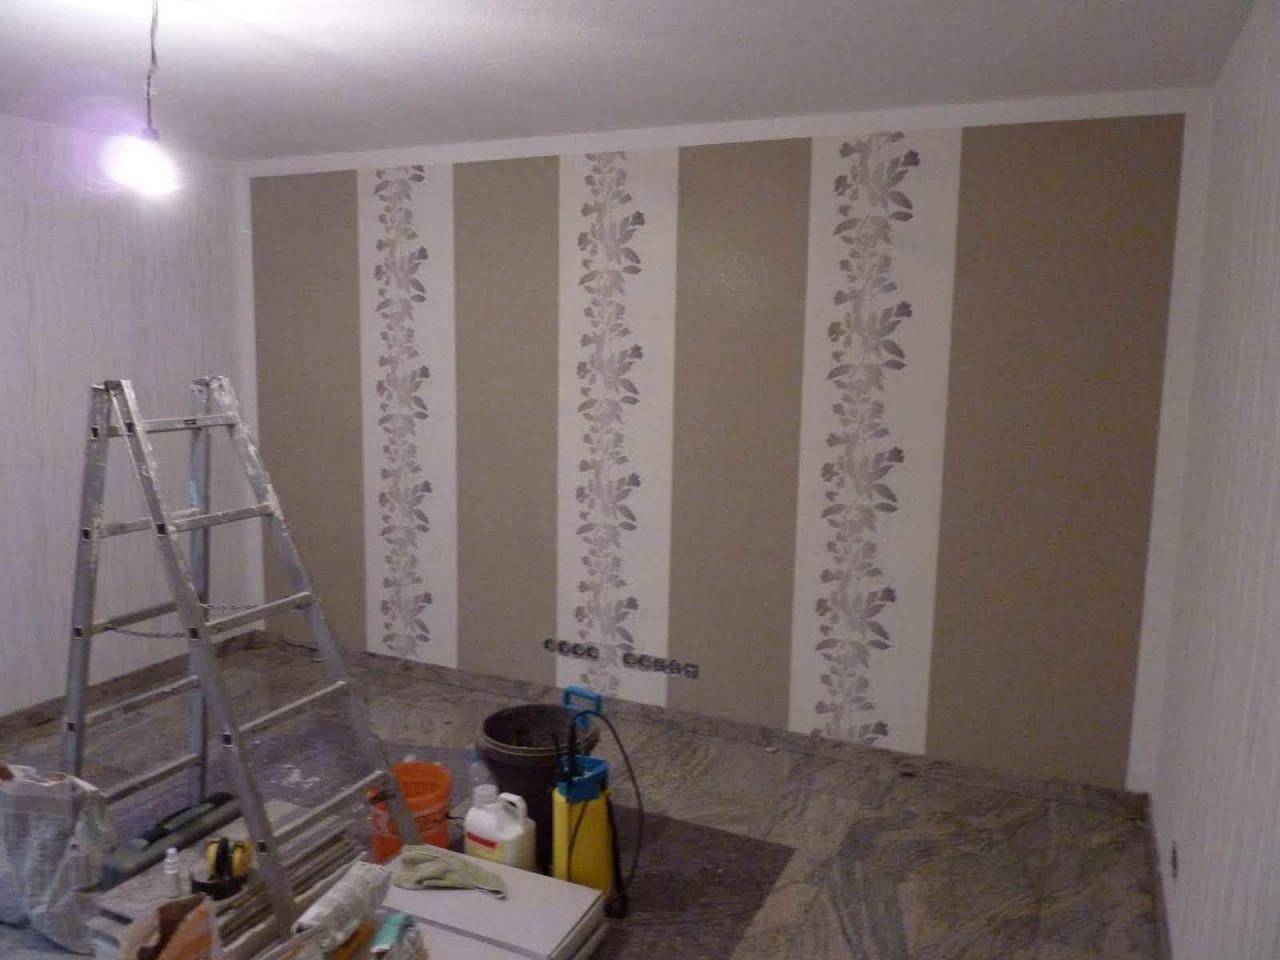 37 Luxus Tapeten Kombinationen Wohnzimmer Reizend von Tapeten Kombinationen Wohnzimmer Photo